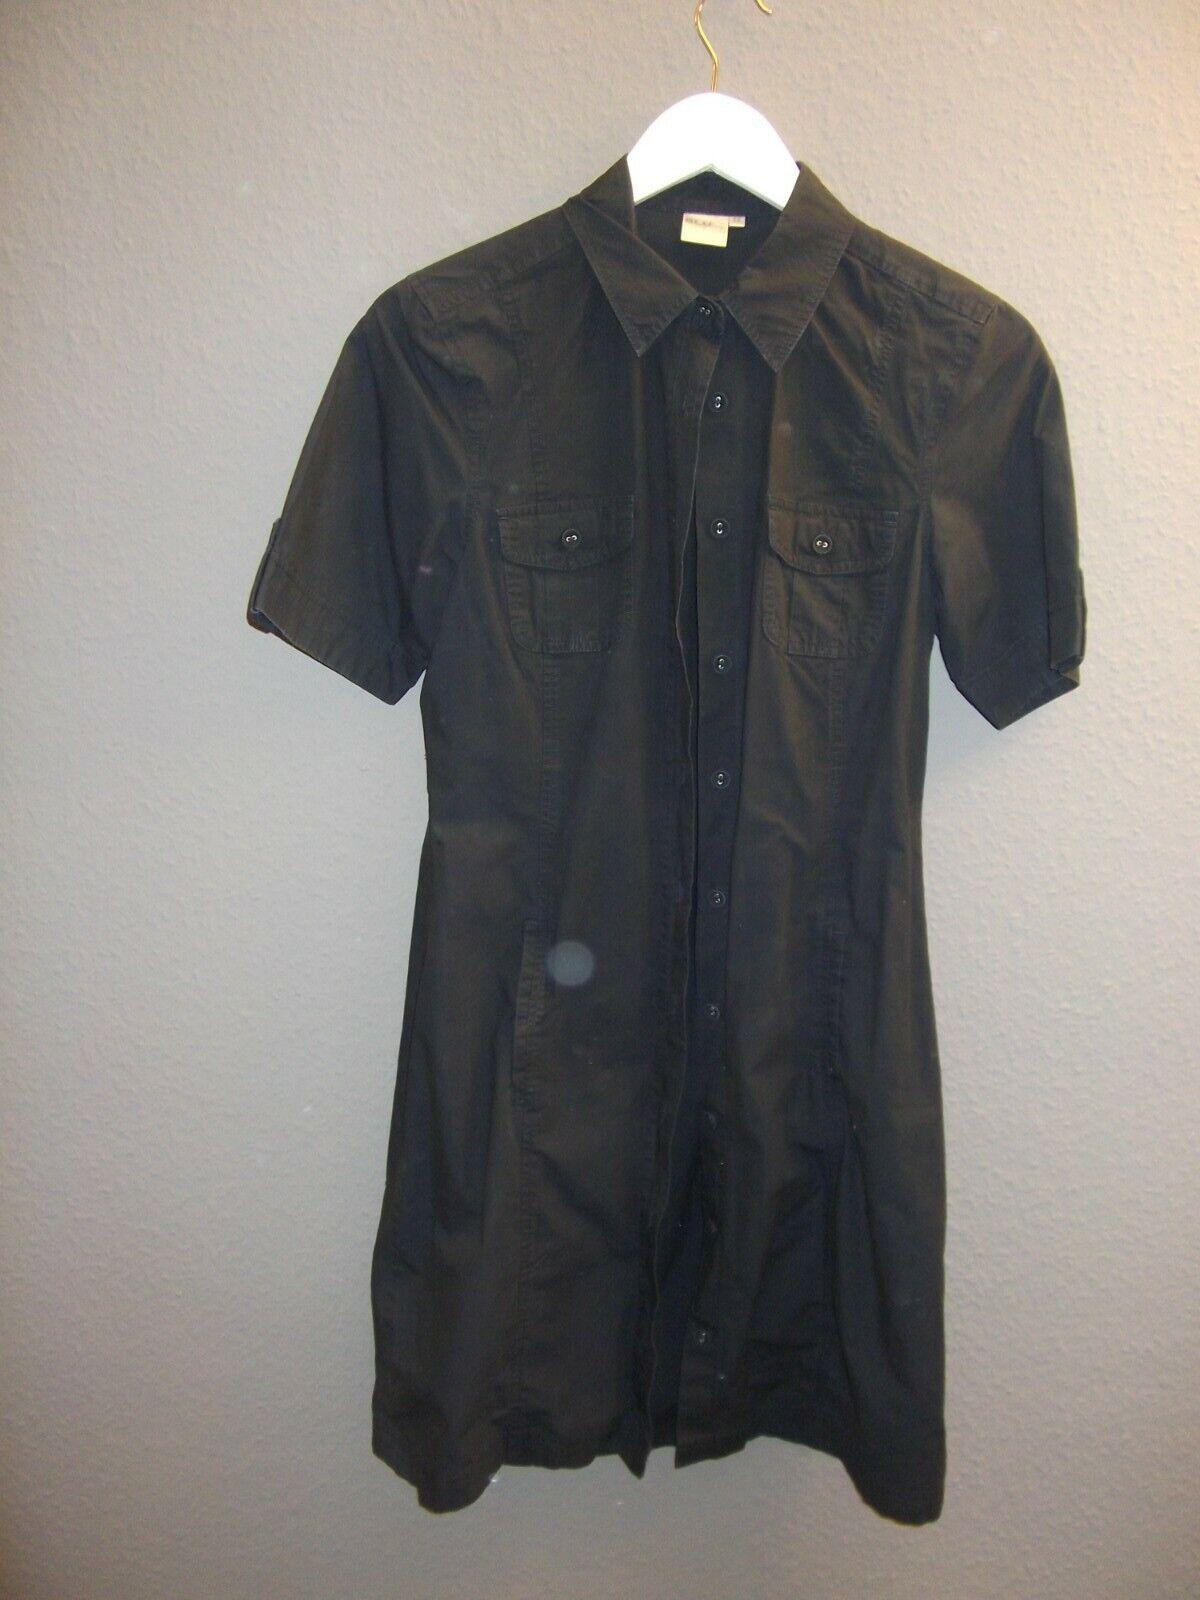 Ladies Vest Style Dress Black Size 36